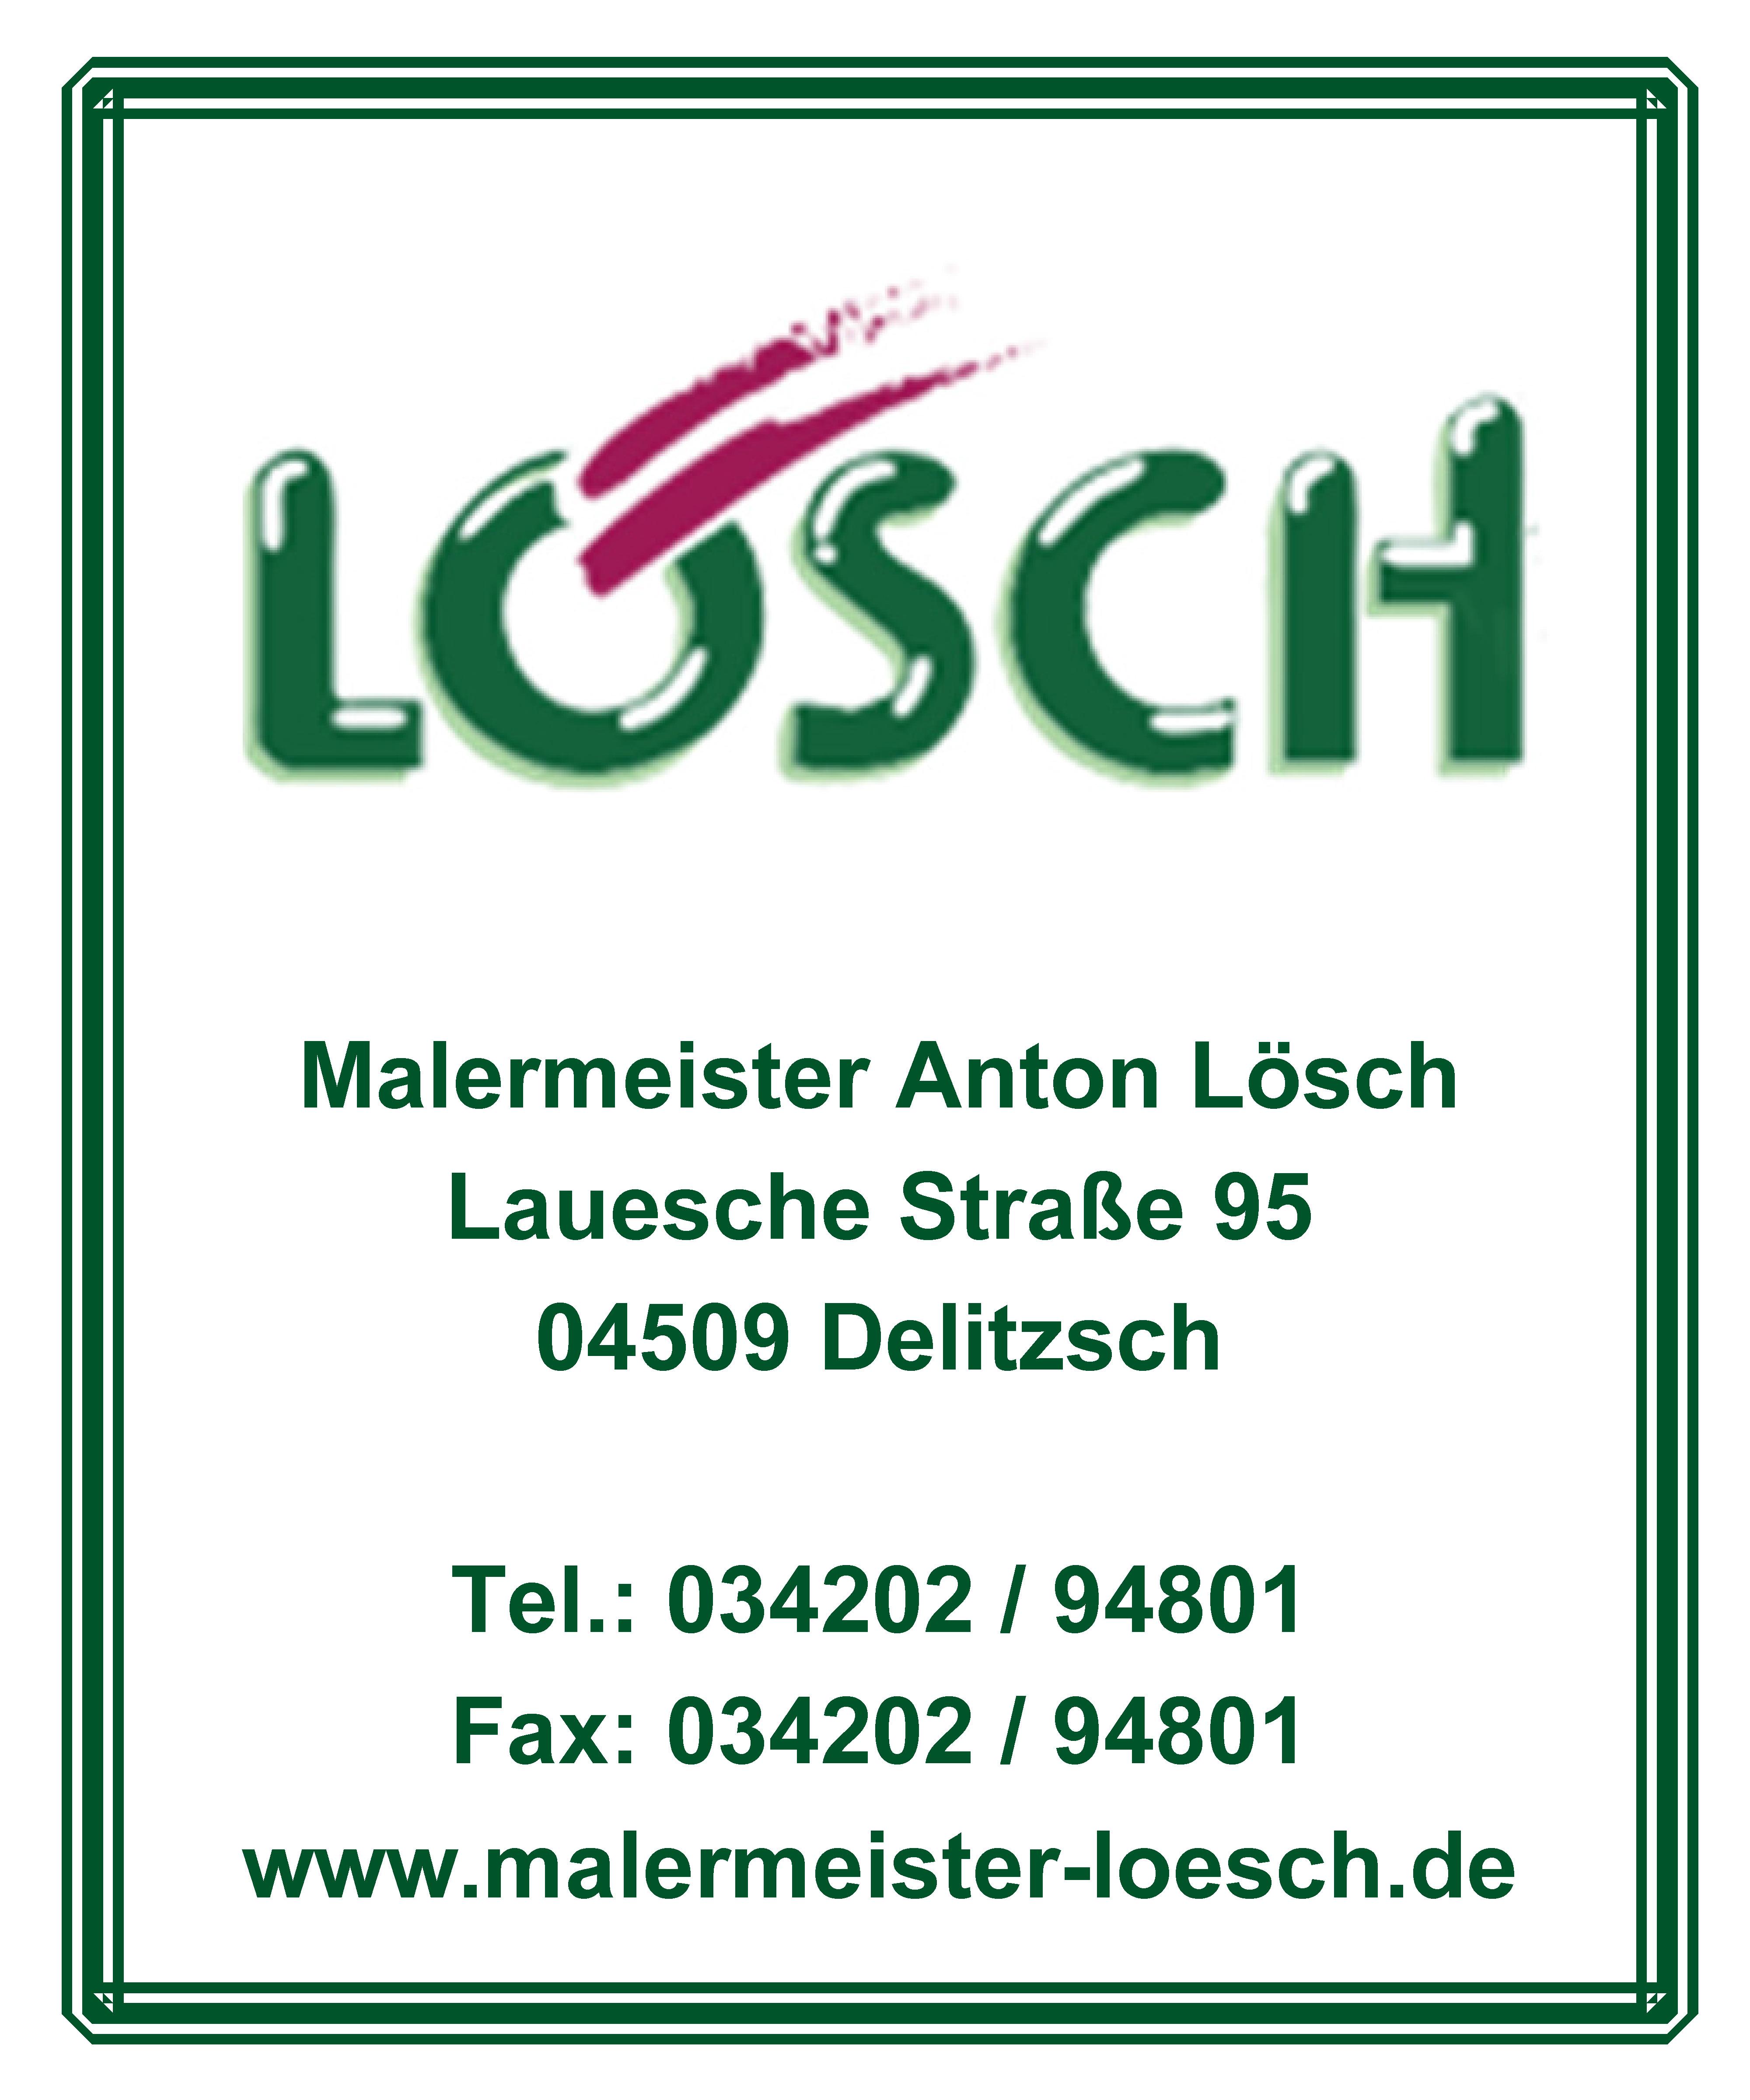 Malermeister Anton Lösch förderer des Blasmusikverein Schenkenberg e.V.